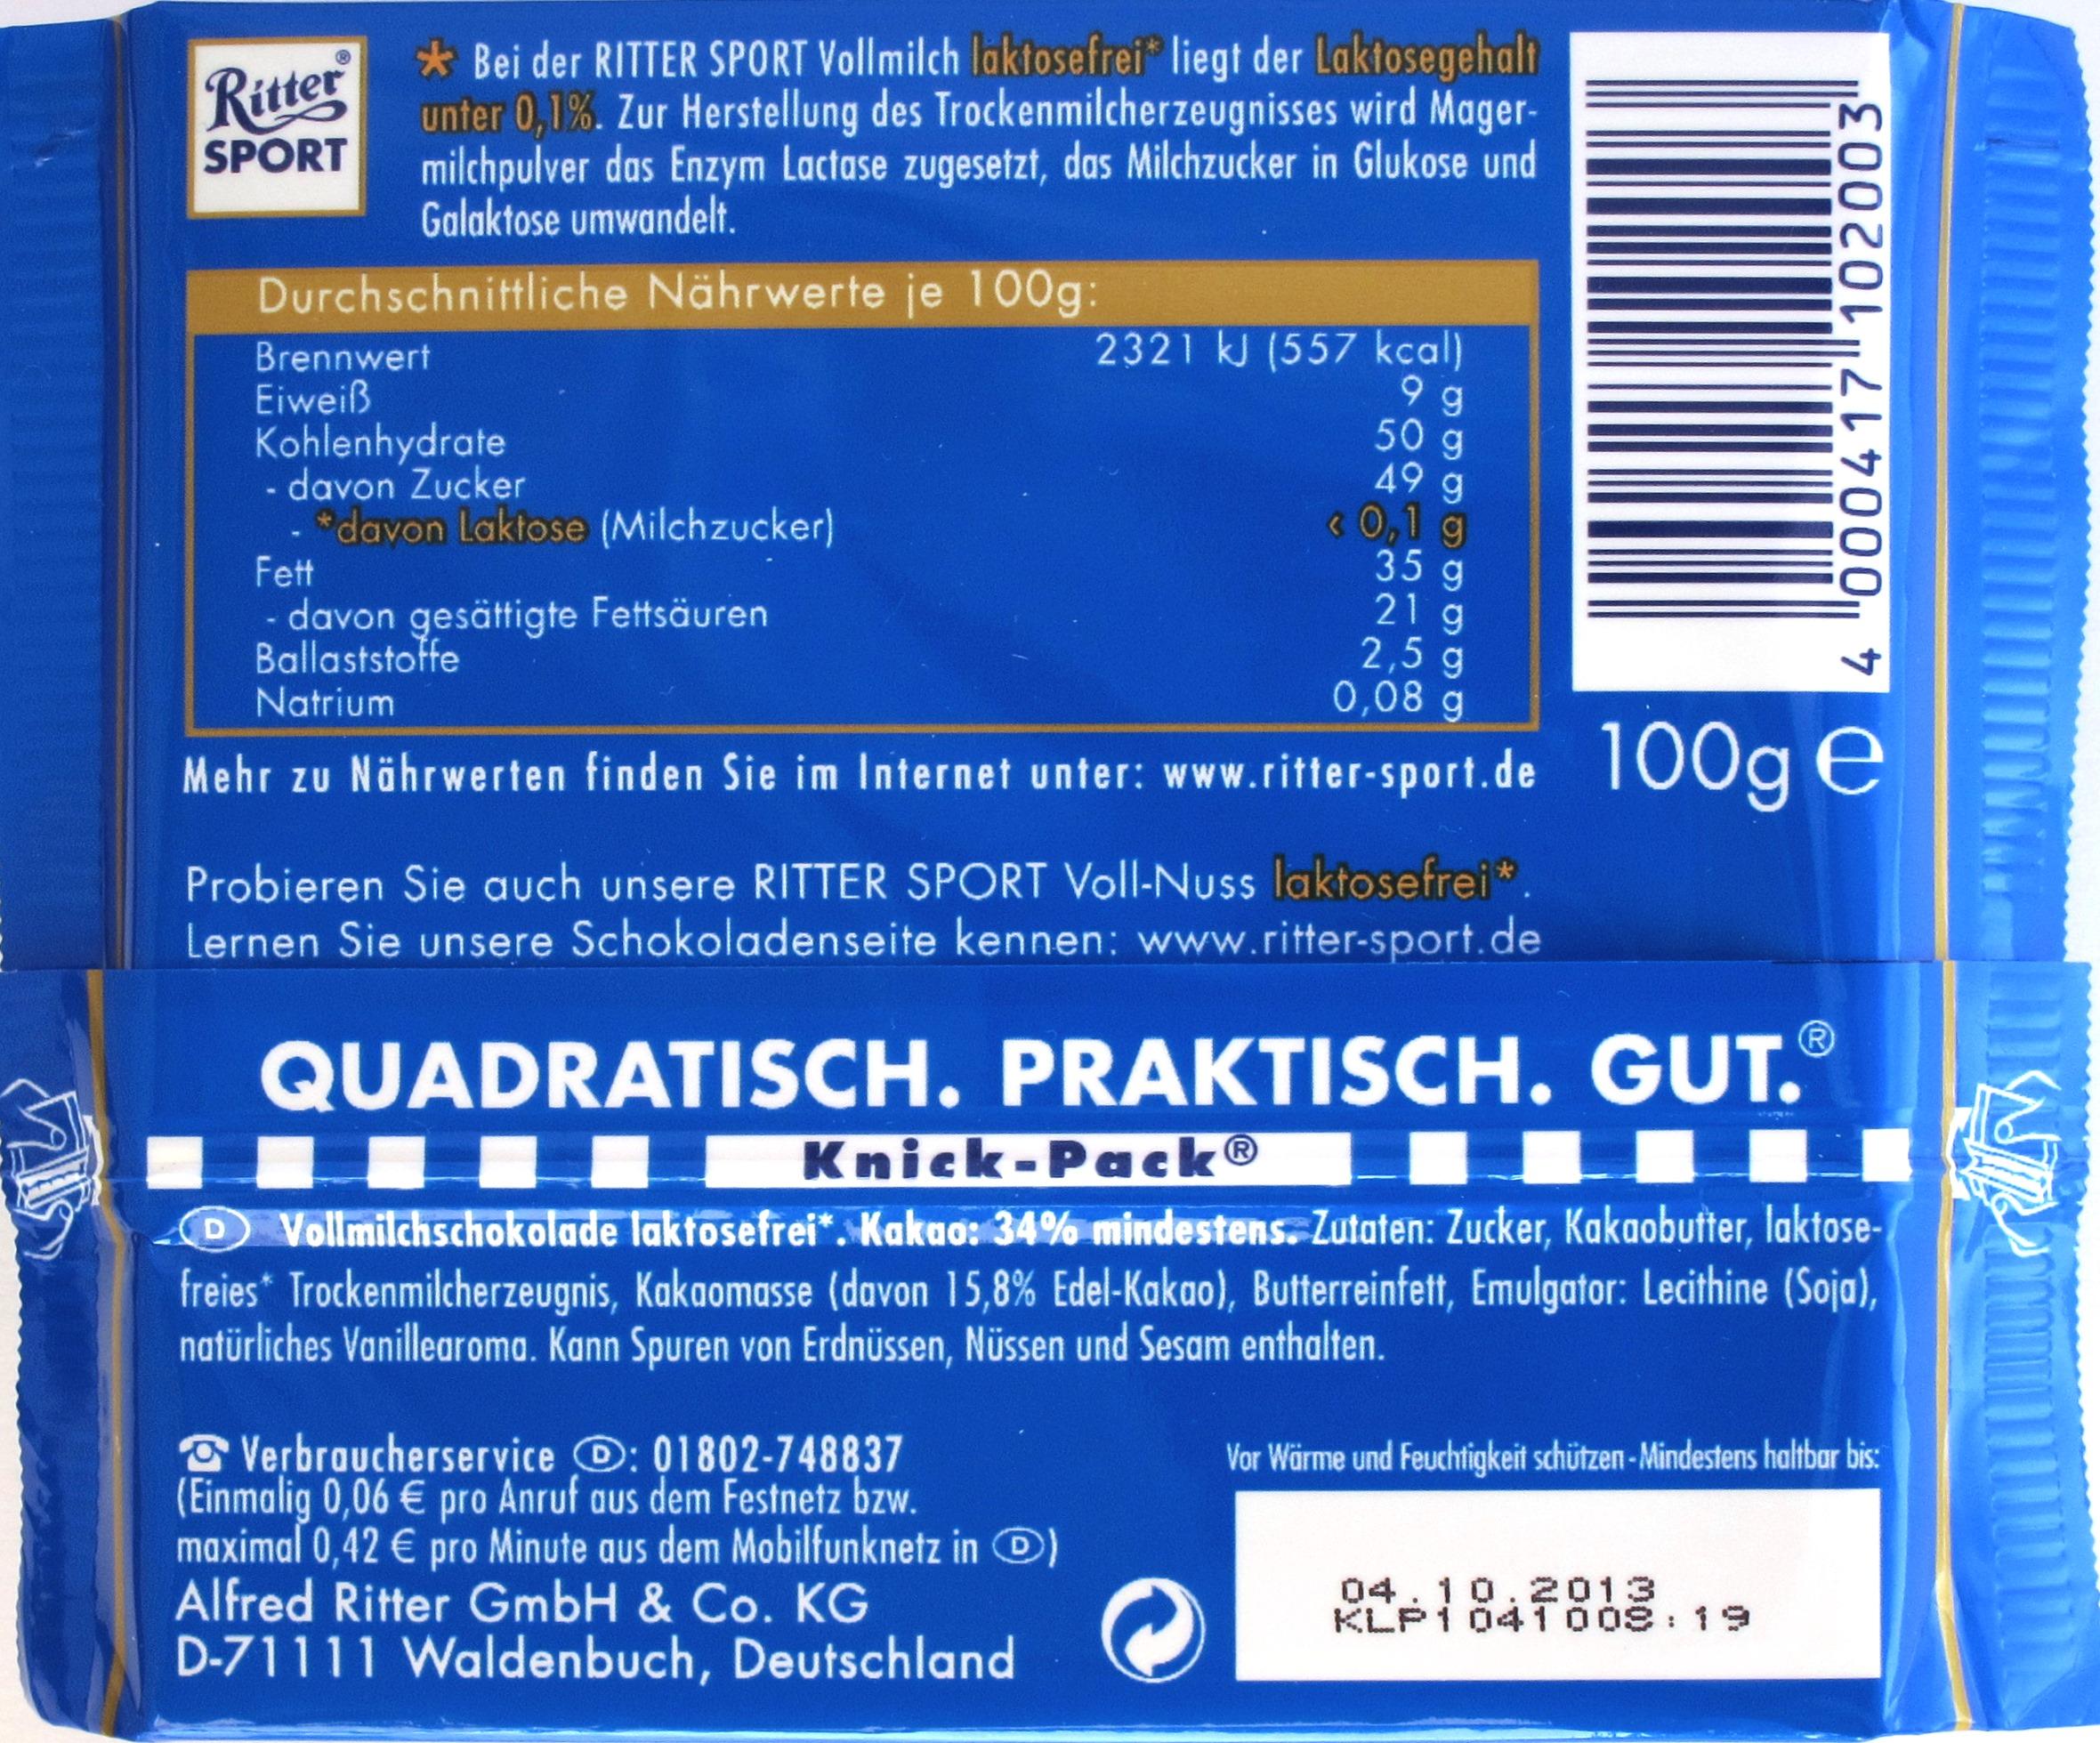 Rückseite/Inhalt der Ritter Sport Vollmilchschokolade laktosefrei